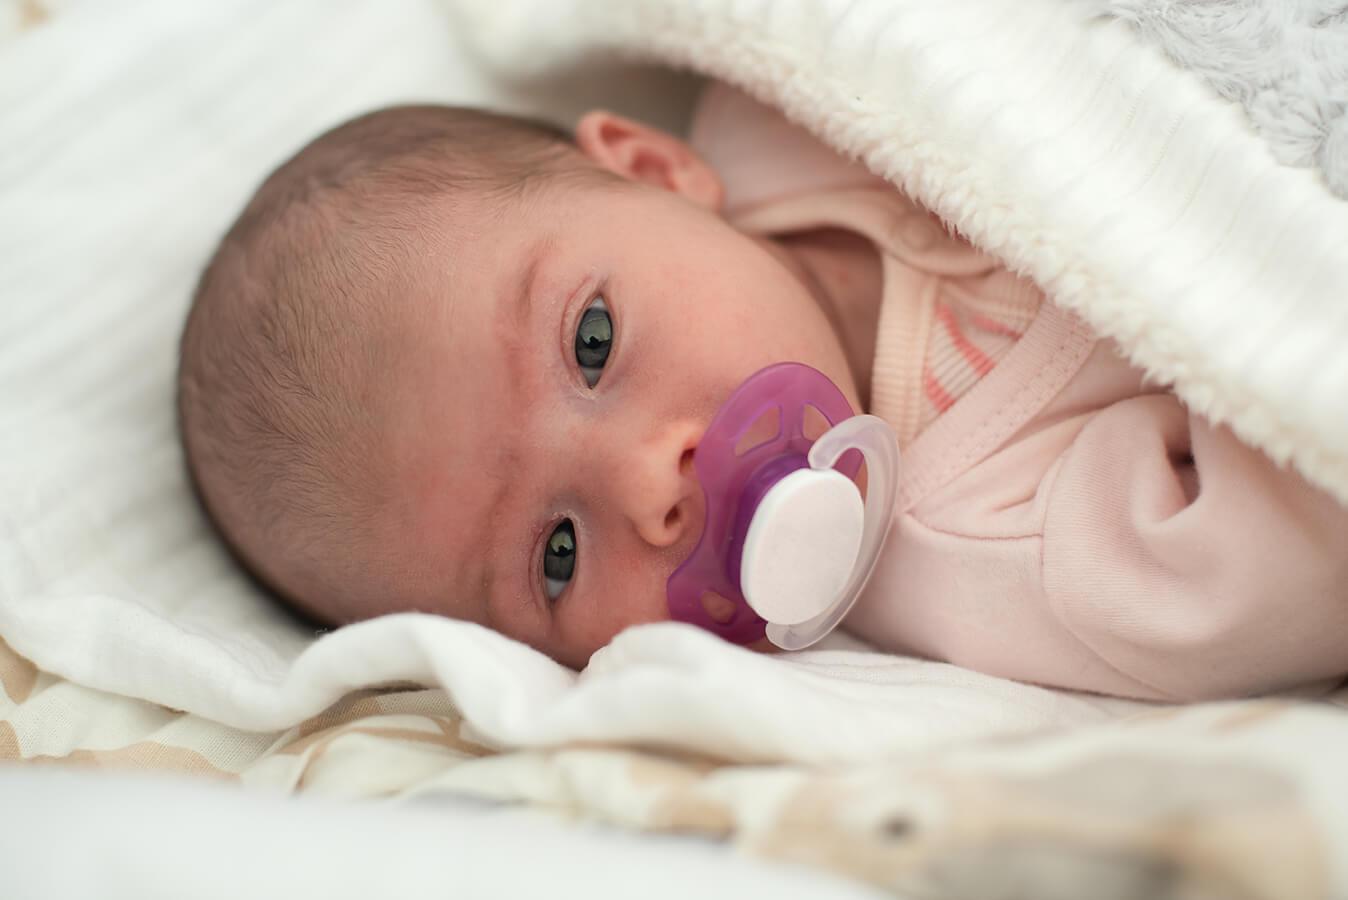 Cri du Chat, czyli zespół kociego krzyku. Czy Twoje niemowlę płacze w ten sposób?